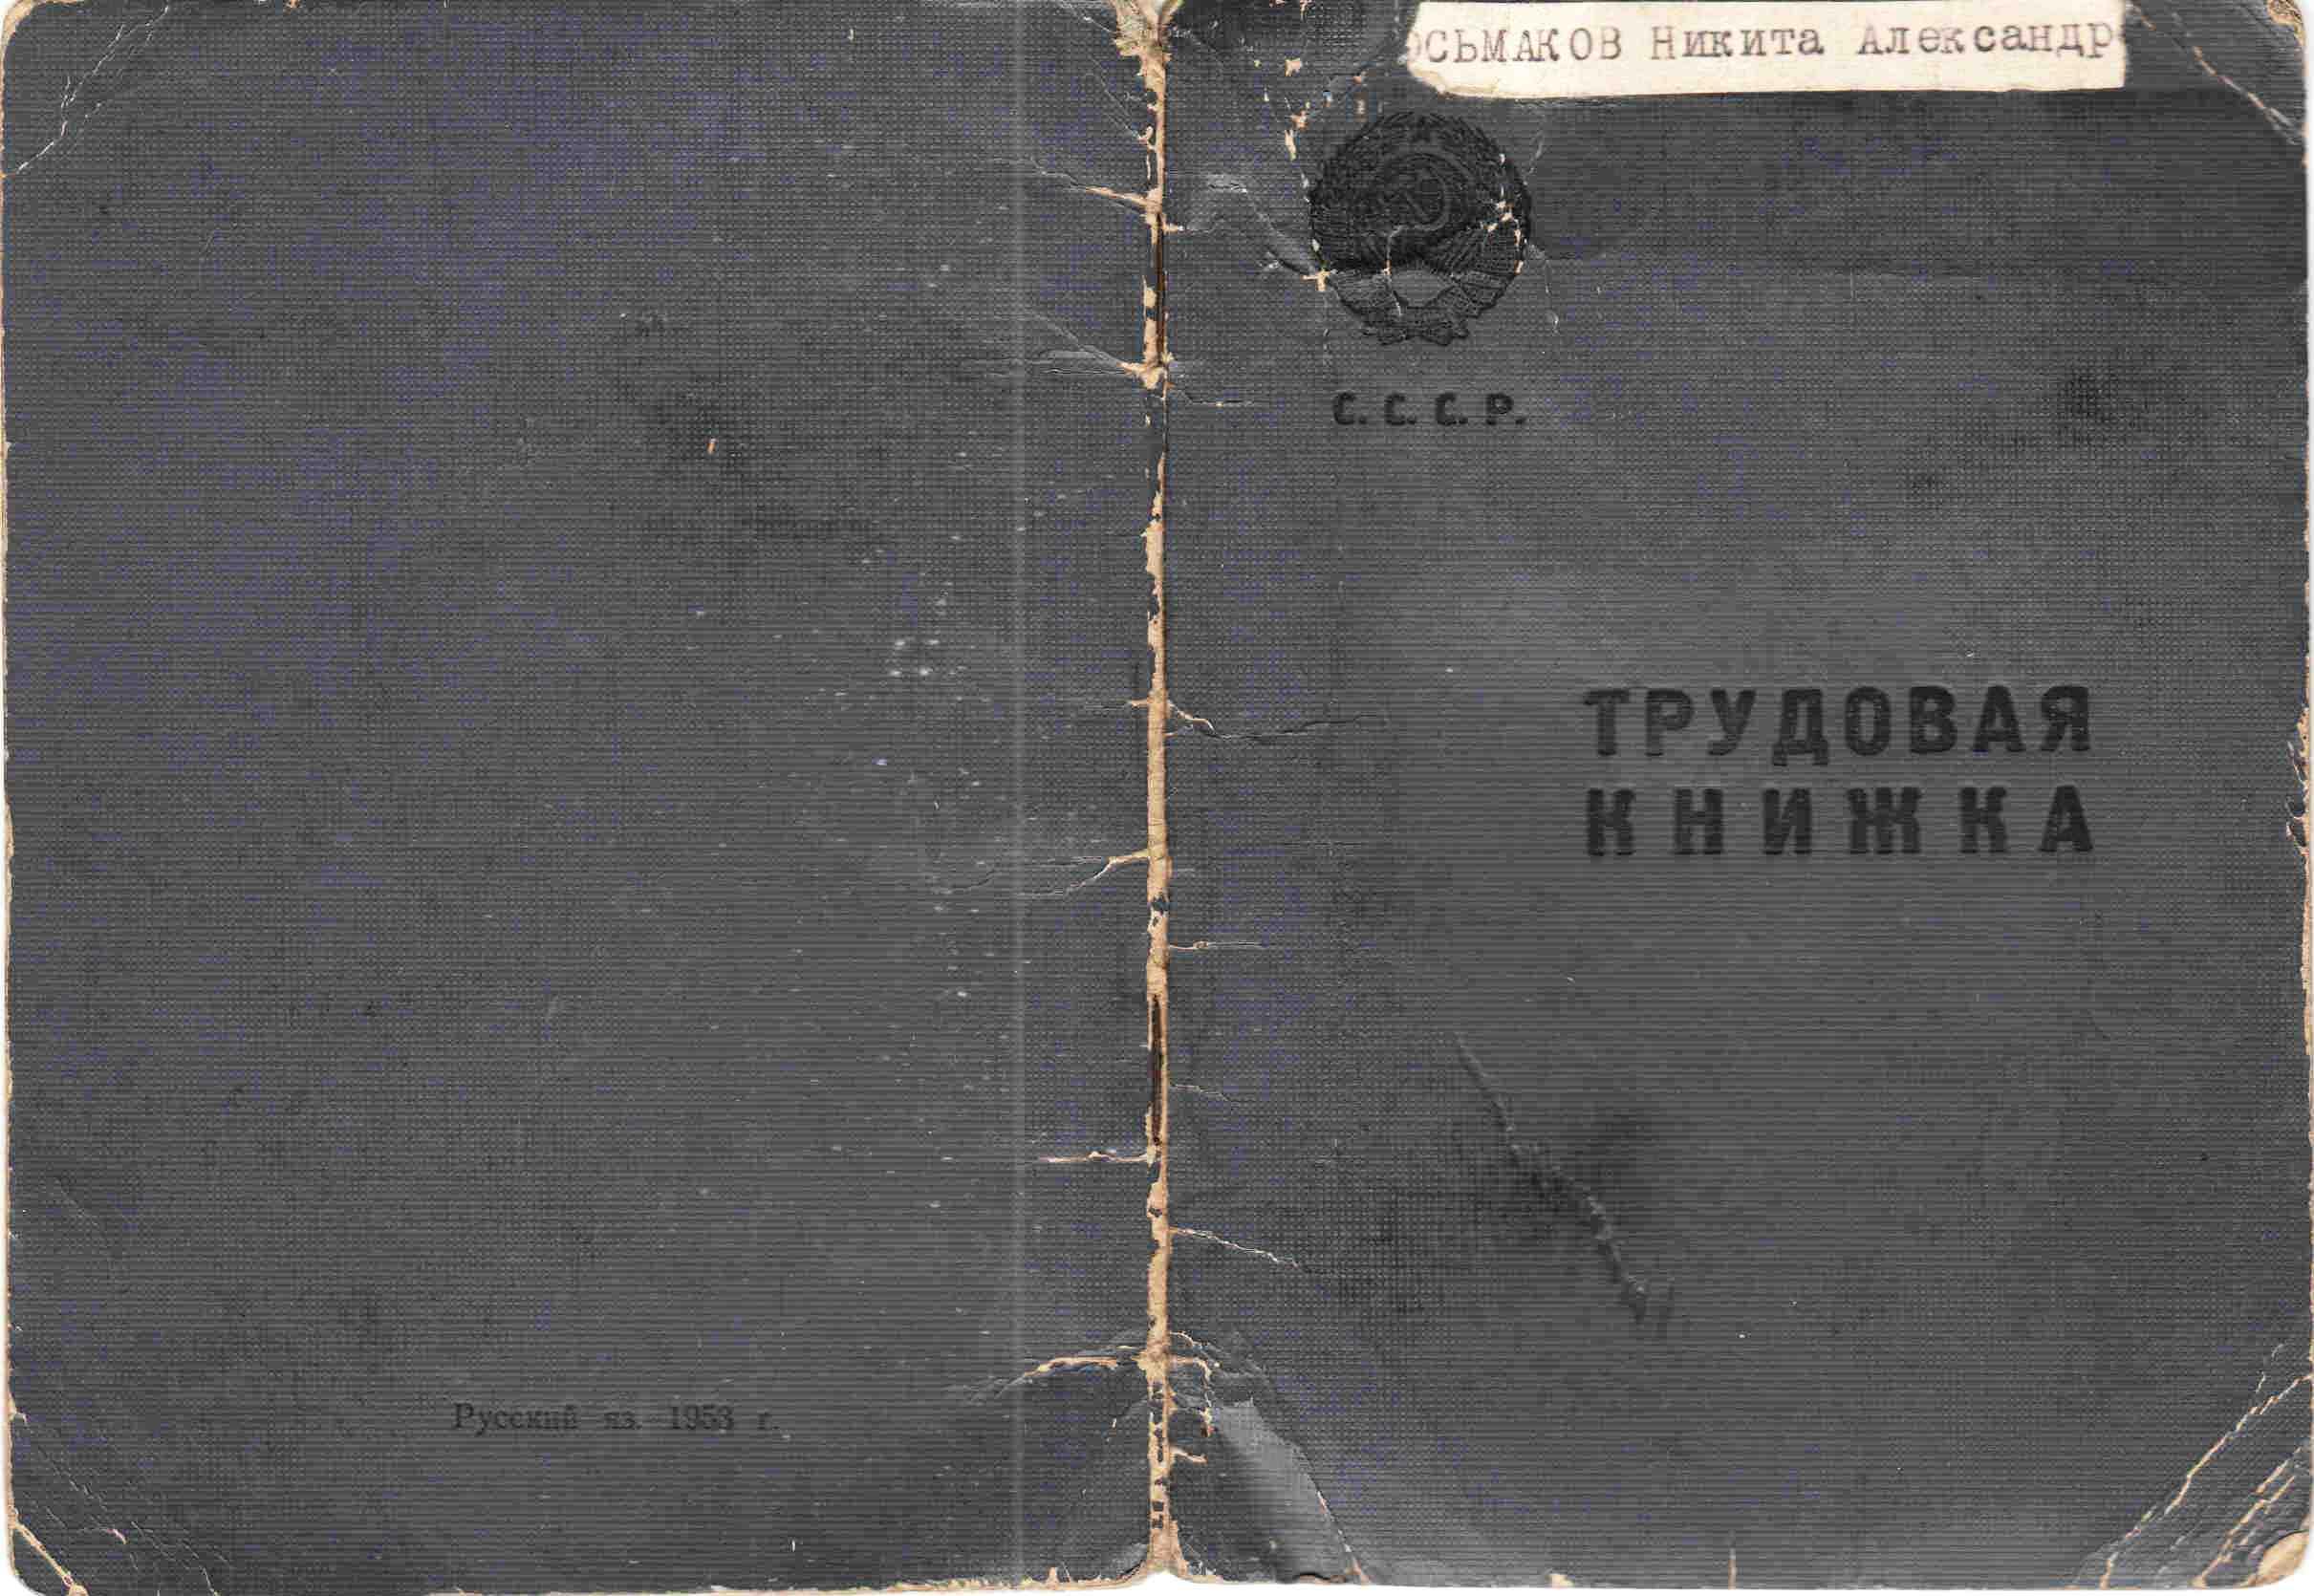 1. Трудовая книжка, 1954г.